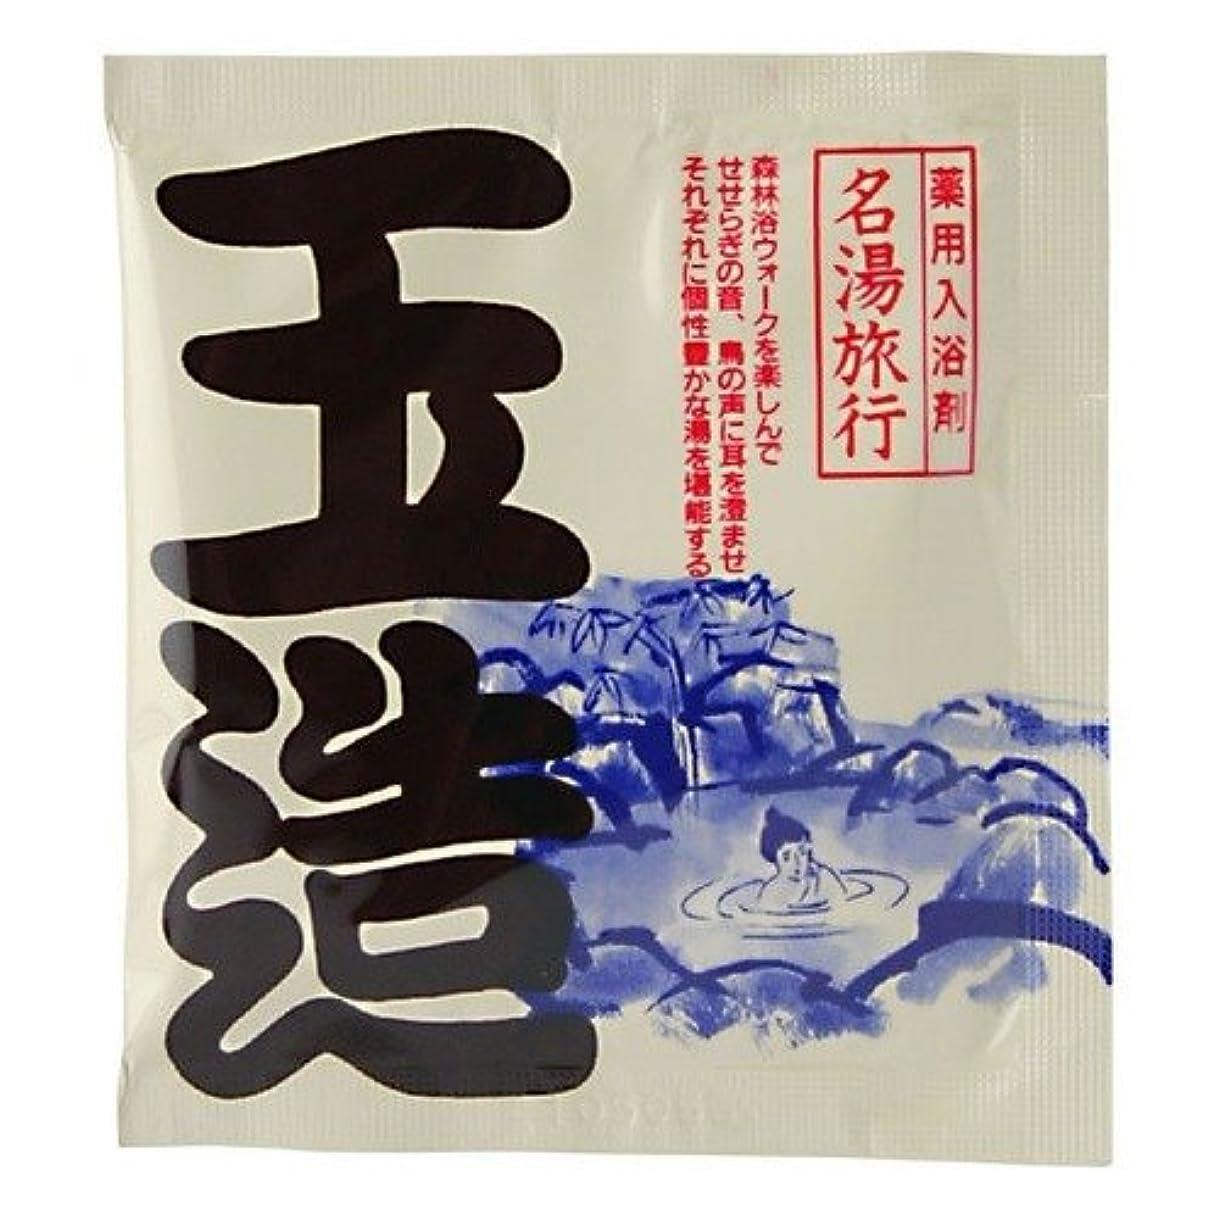 アイザック象水差し五洲薬品 名湯旅行 玉造 25g 4987332126782